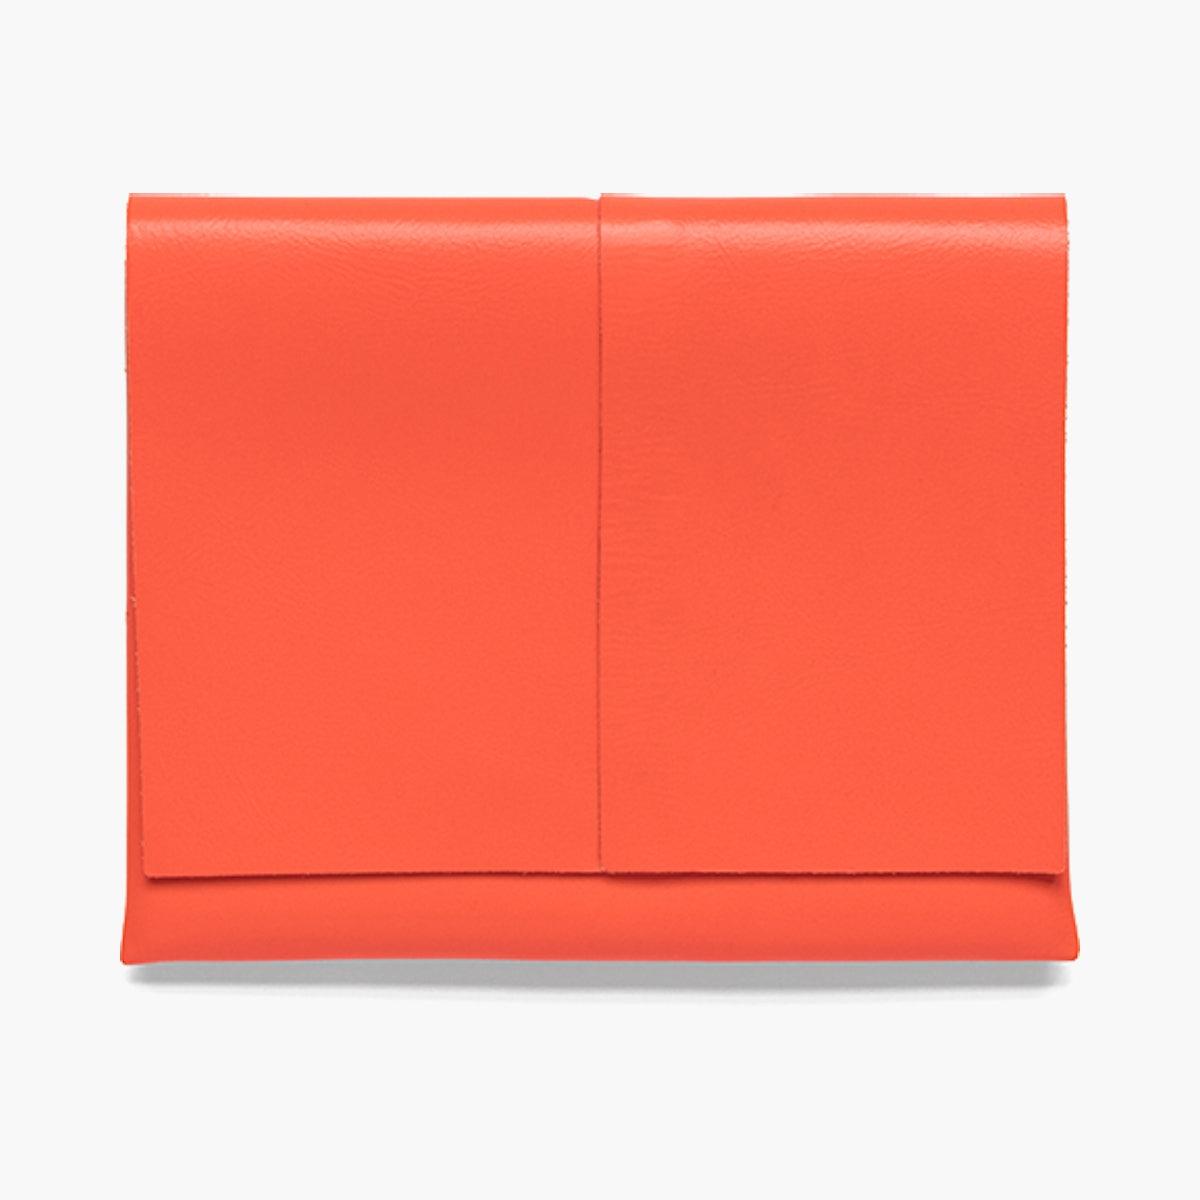 Maharam Folded Pouch